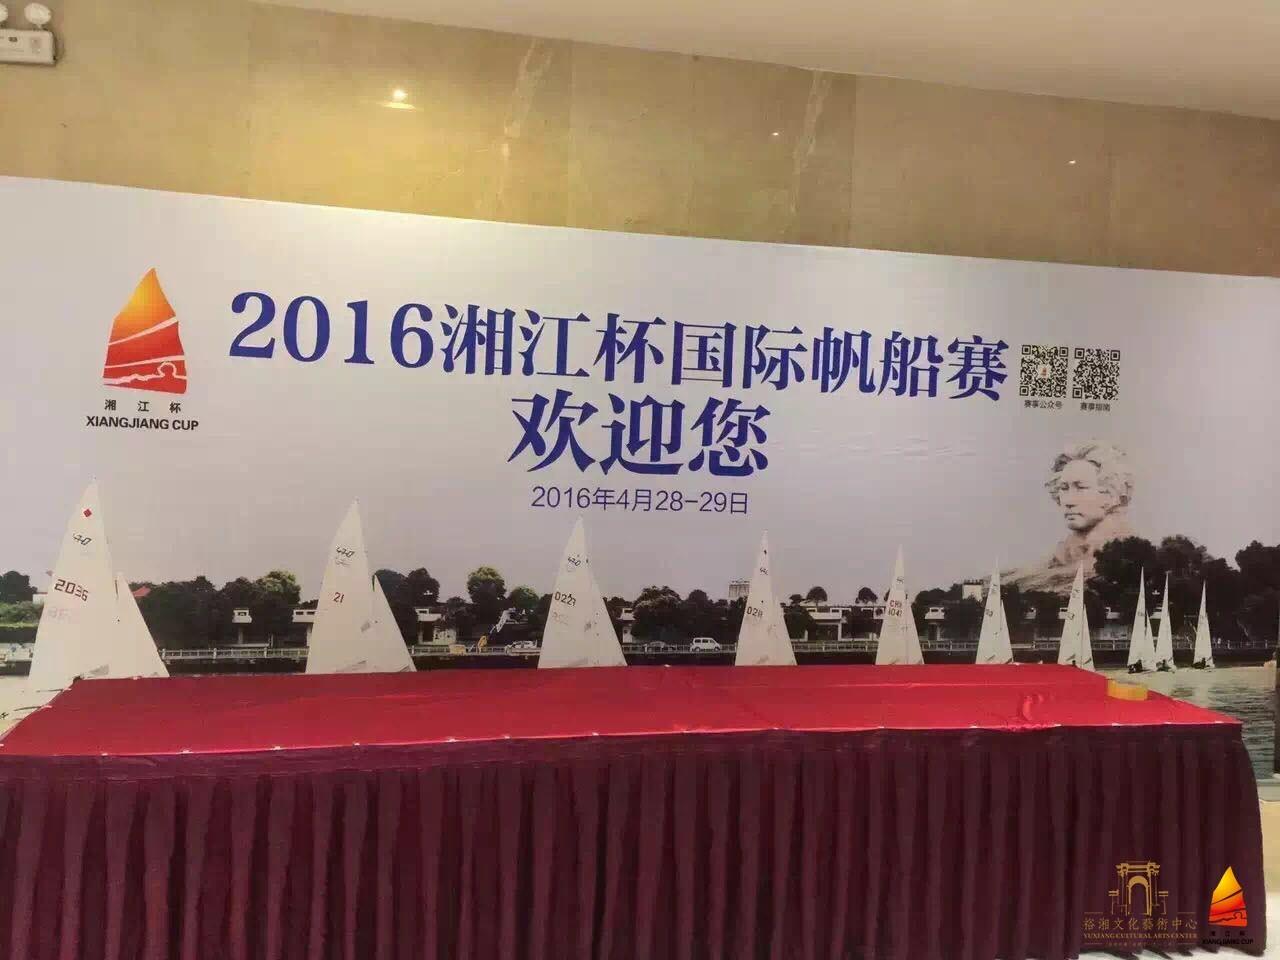 第二届湘江杯国际帆船赛丨今日迎接各国参赛运动员报到 8b5e75f0c9bd800fb8c361dc76bbce75.jpg